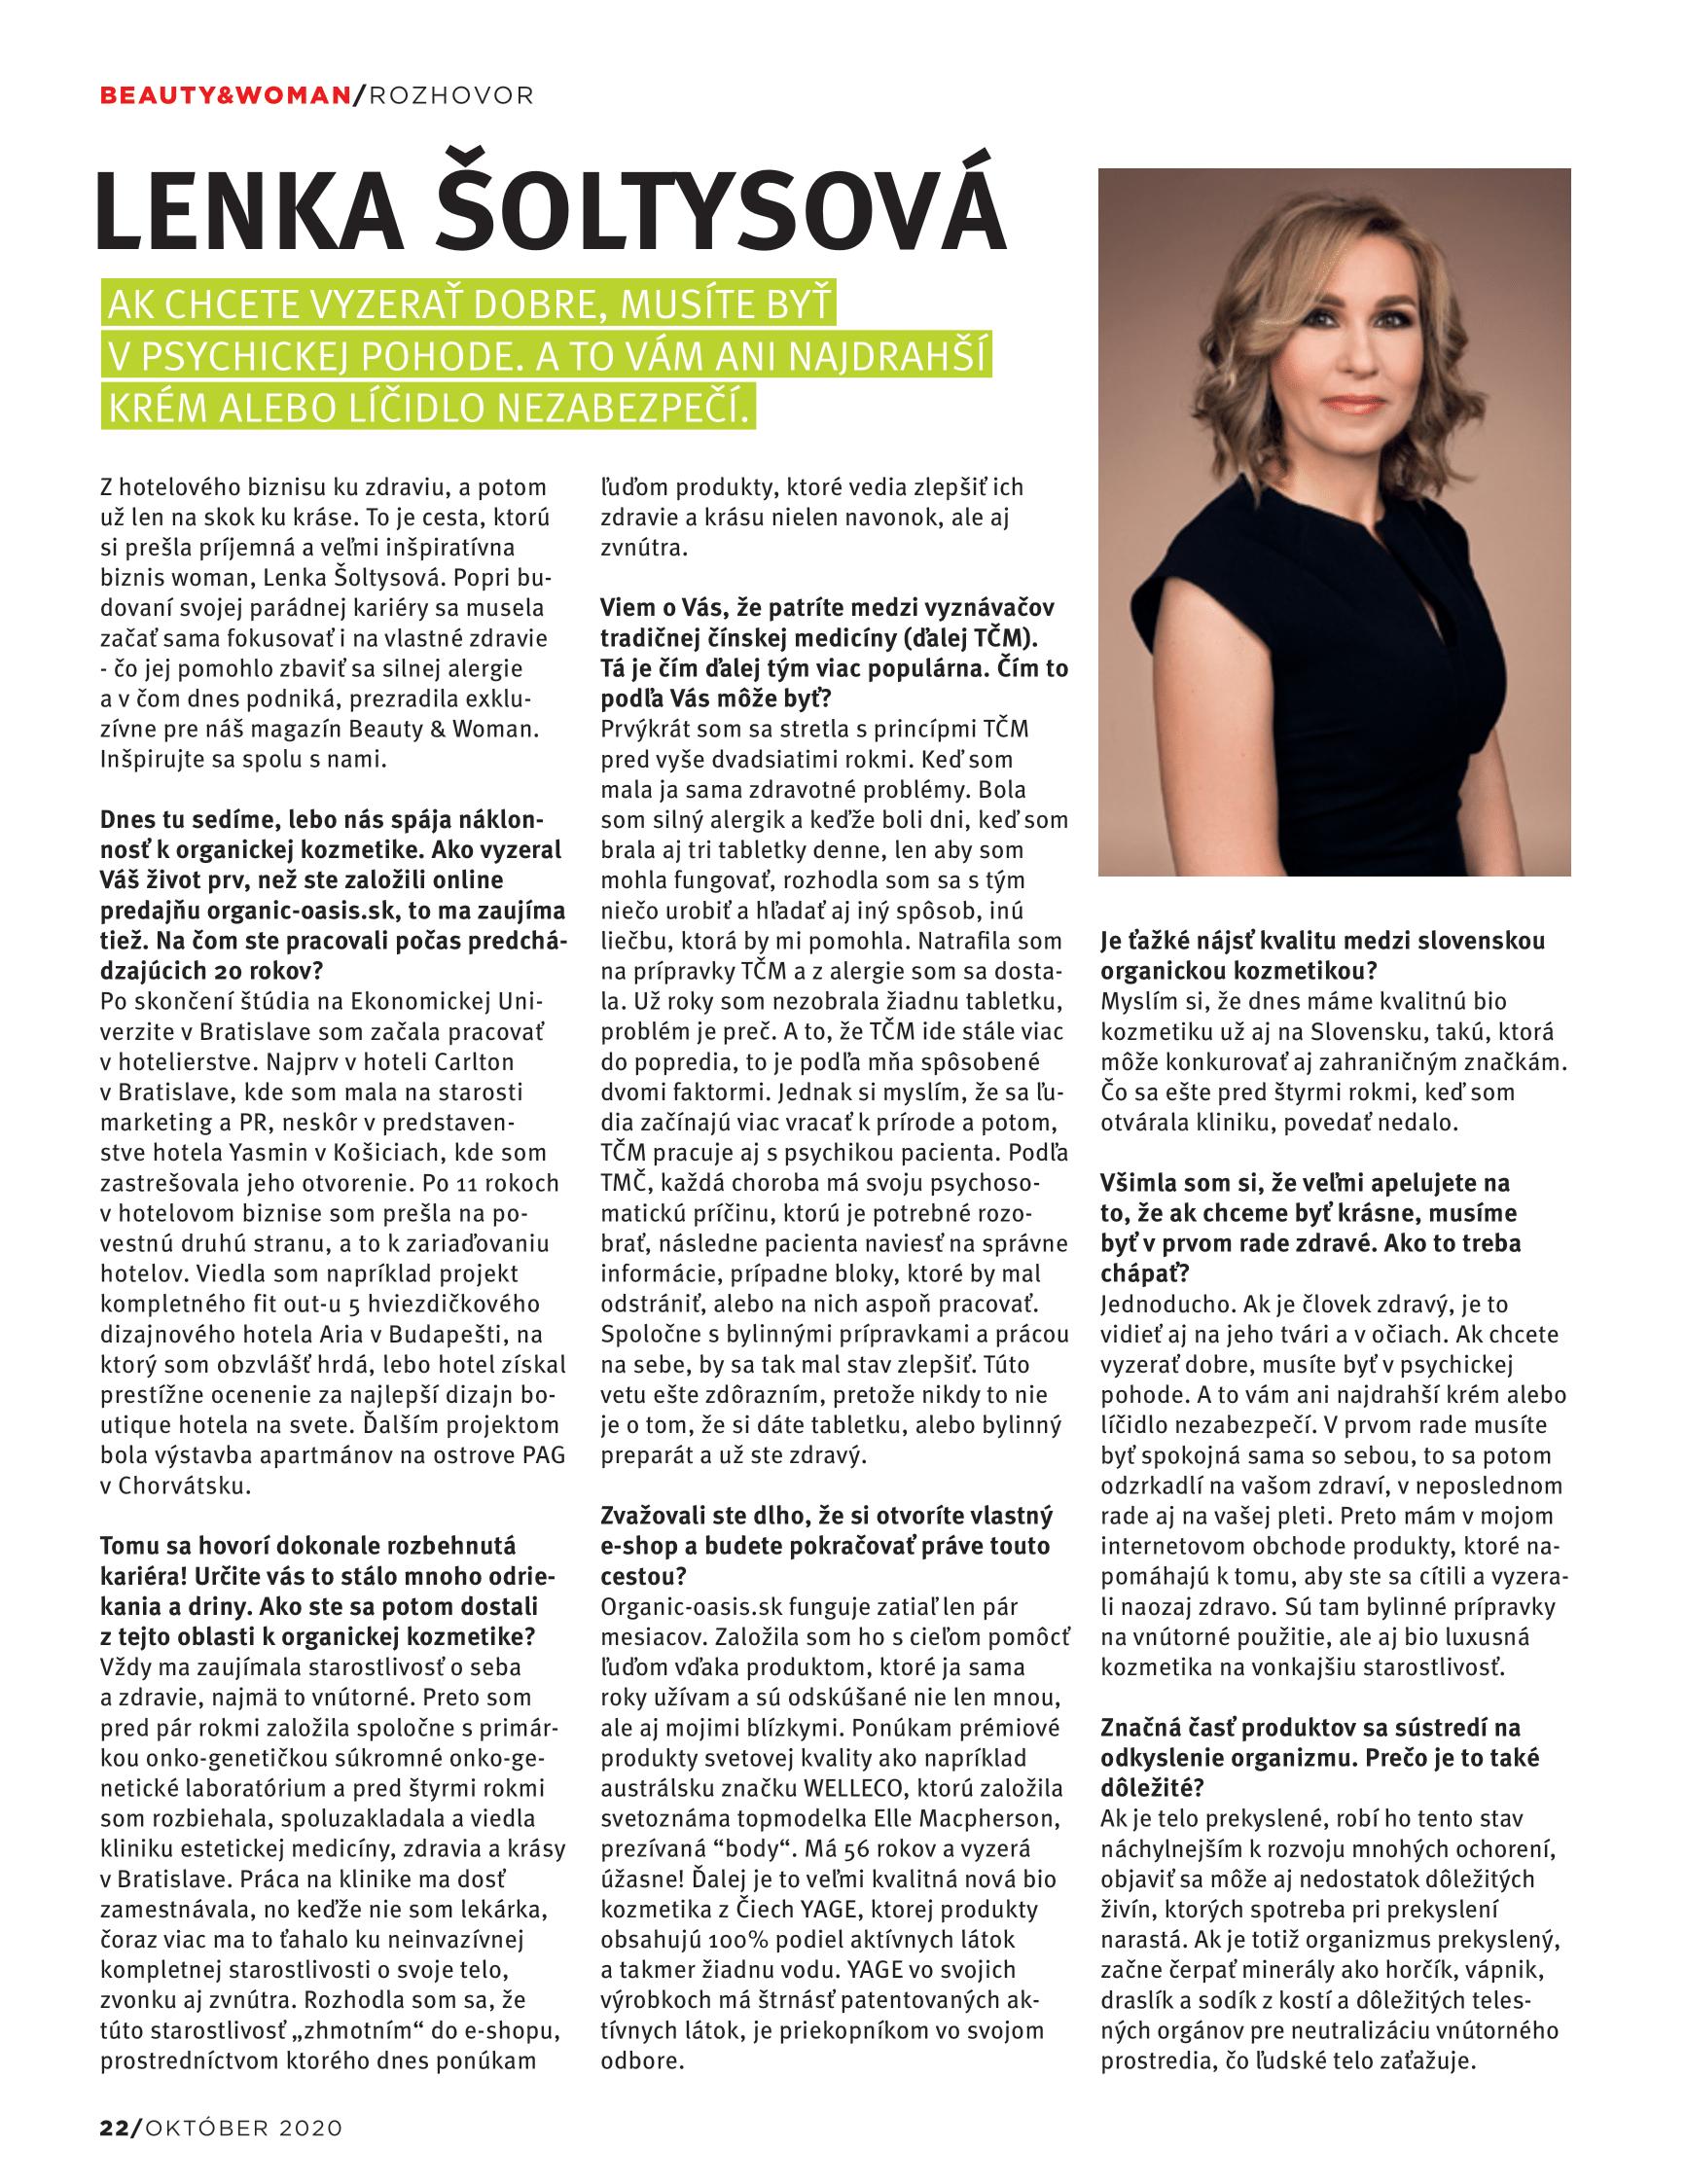 Beauty & Woman - Interview so zakladateľkou Organic Oasis Lenkou Šoltysovou